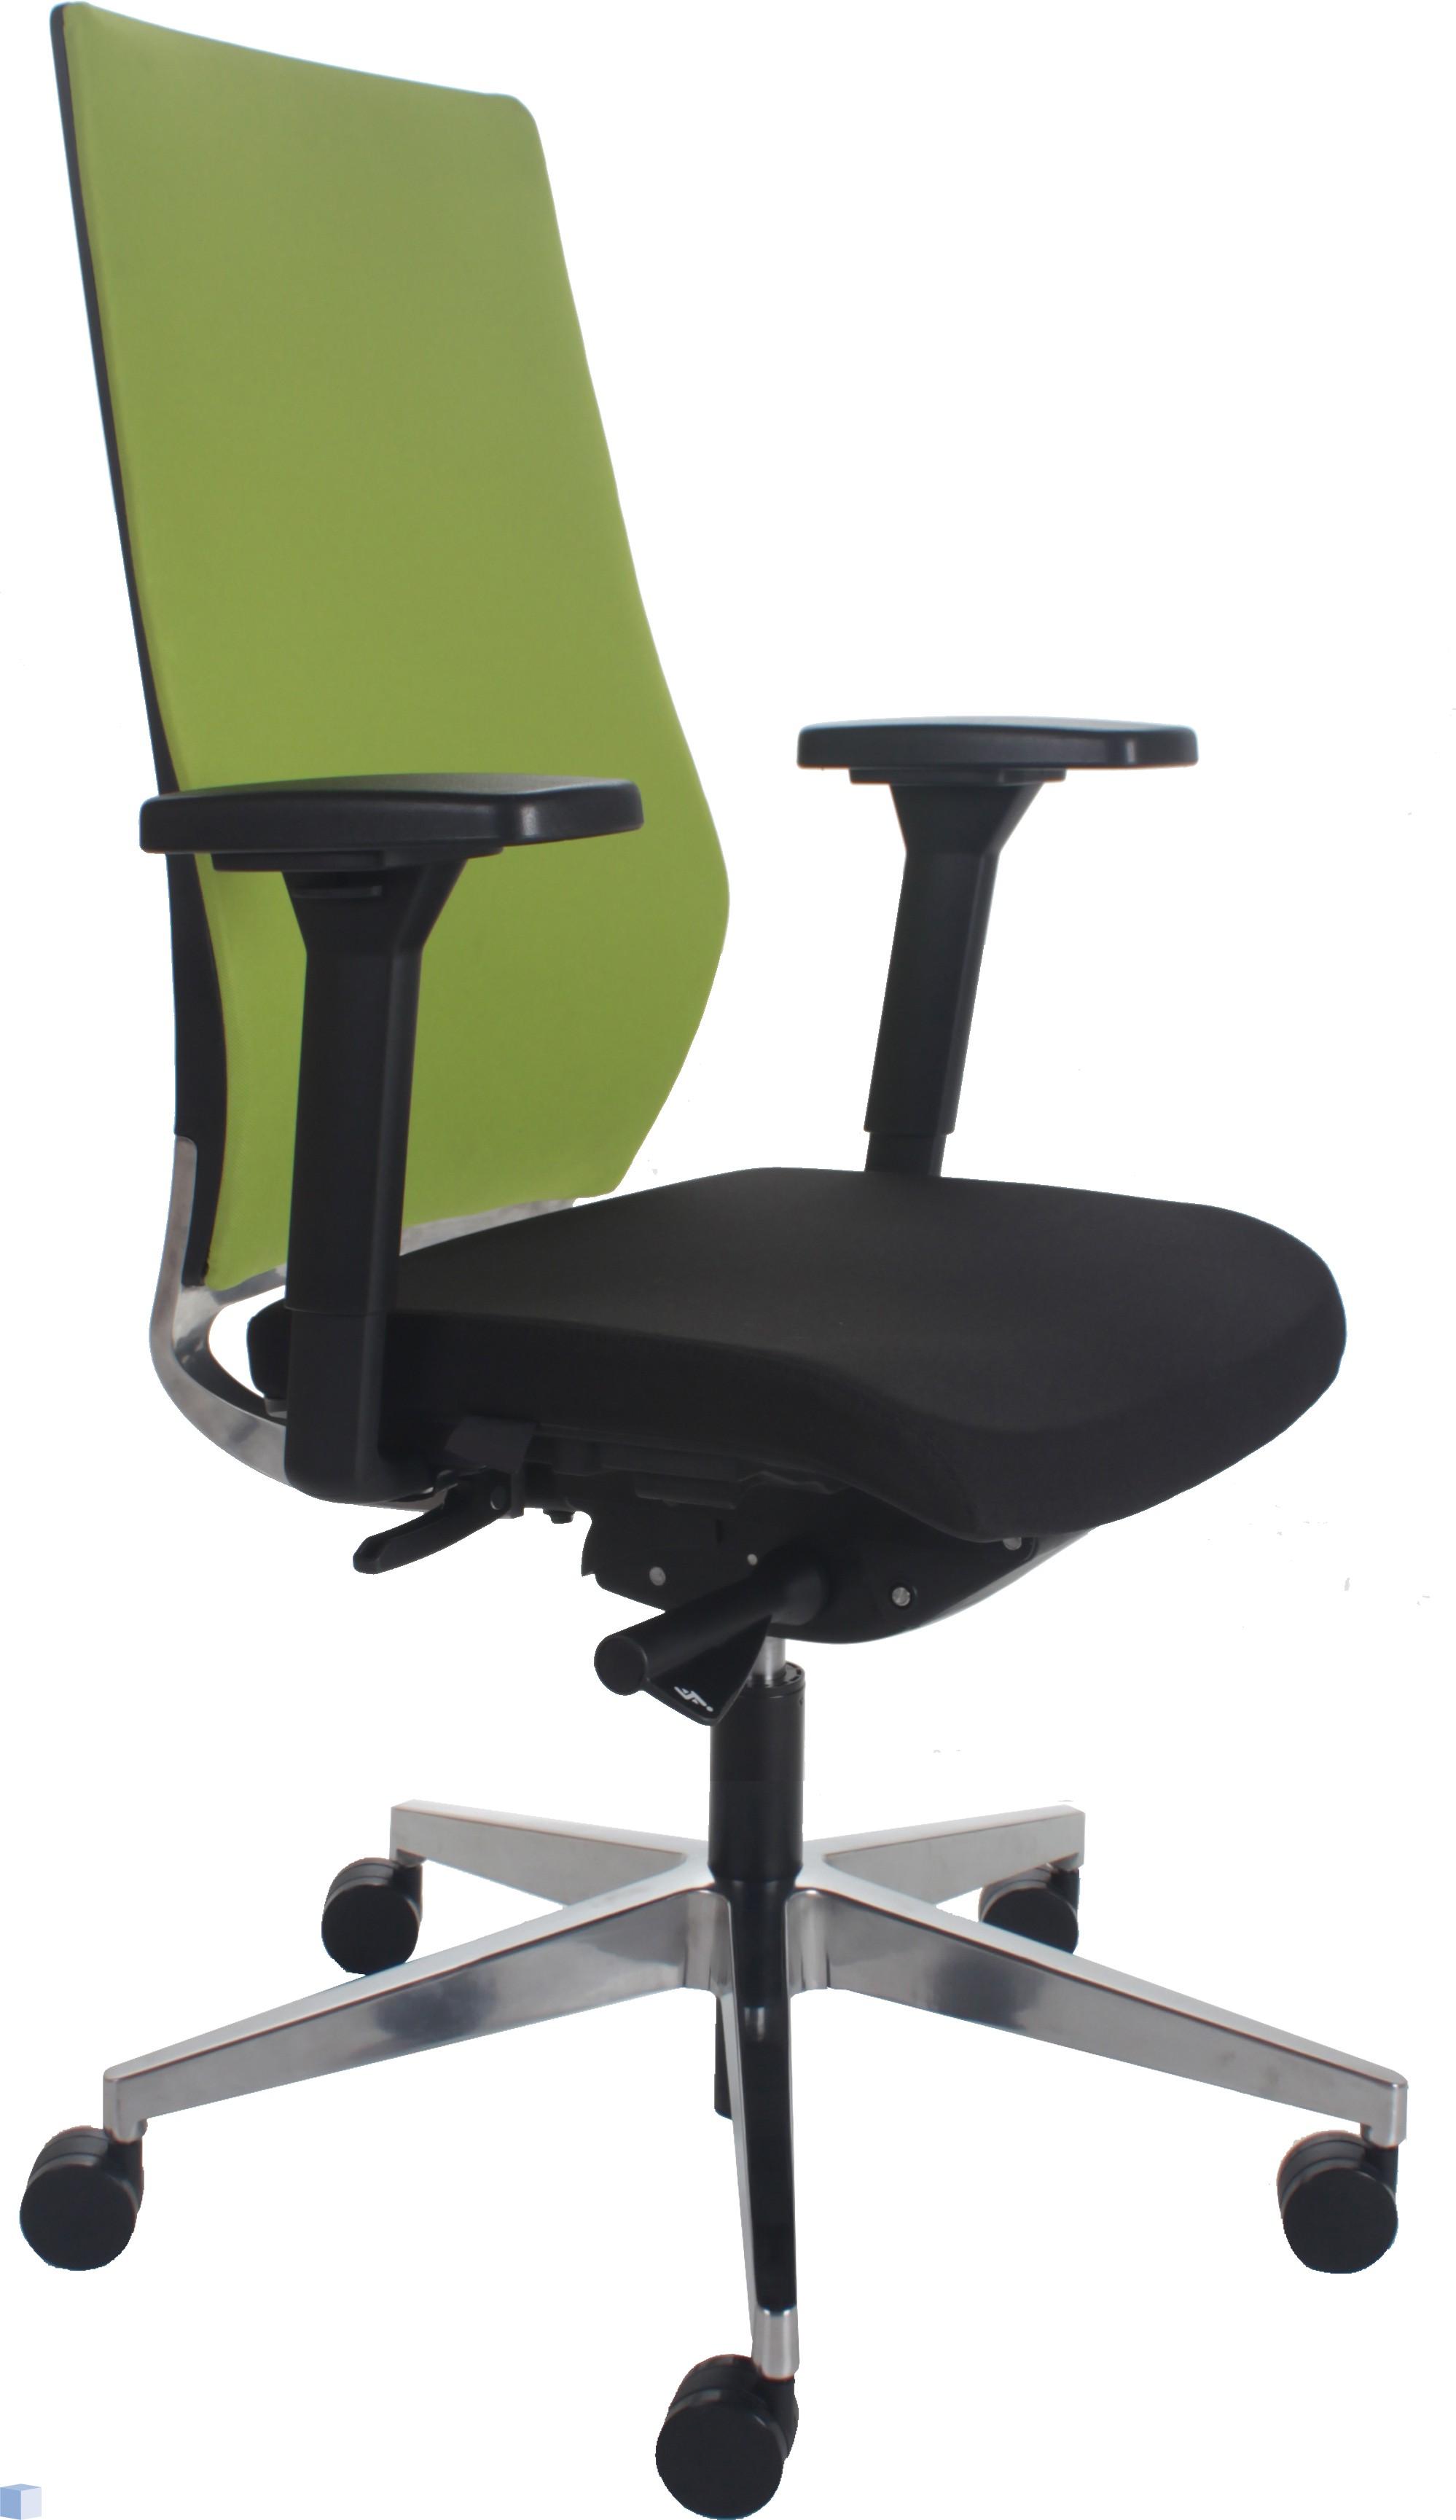 Bureaustoelen: ergonomisch verantwoord   Blok Interrek